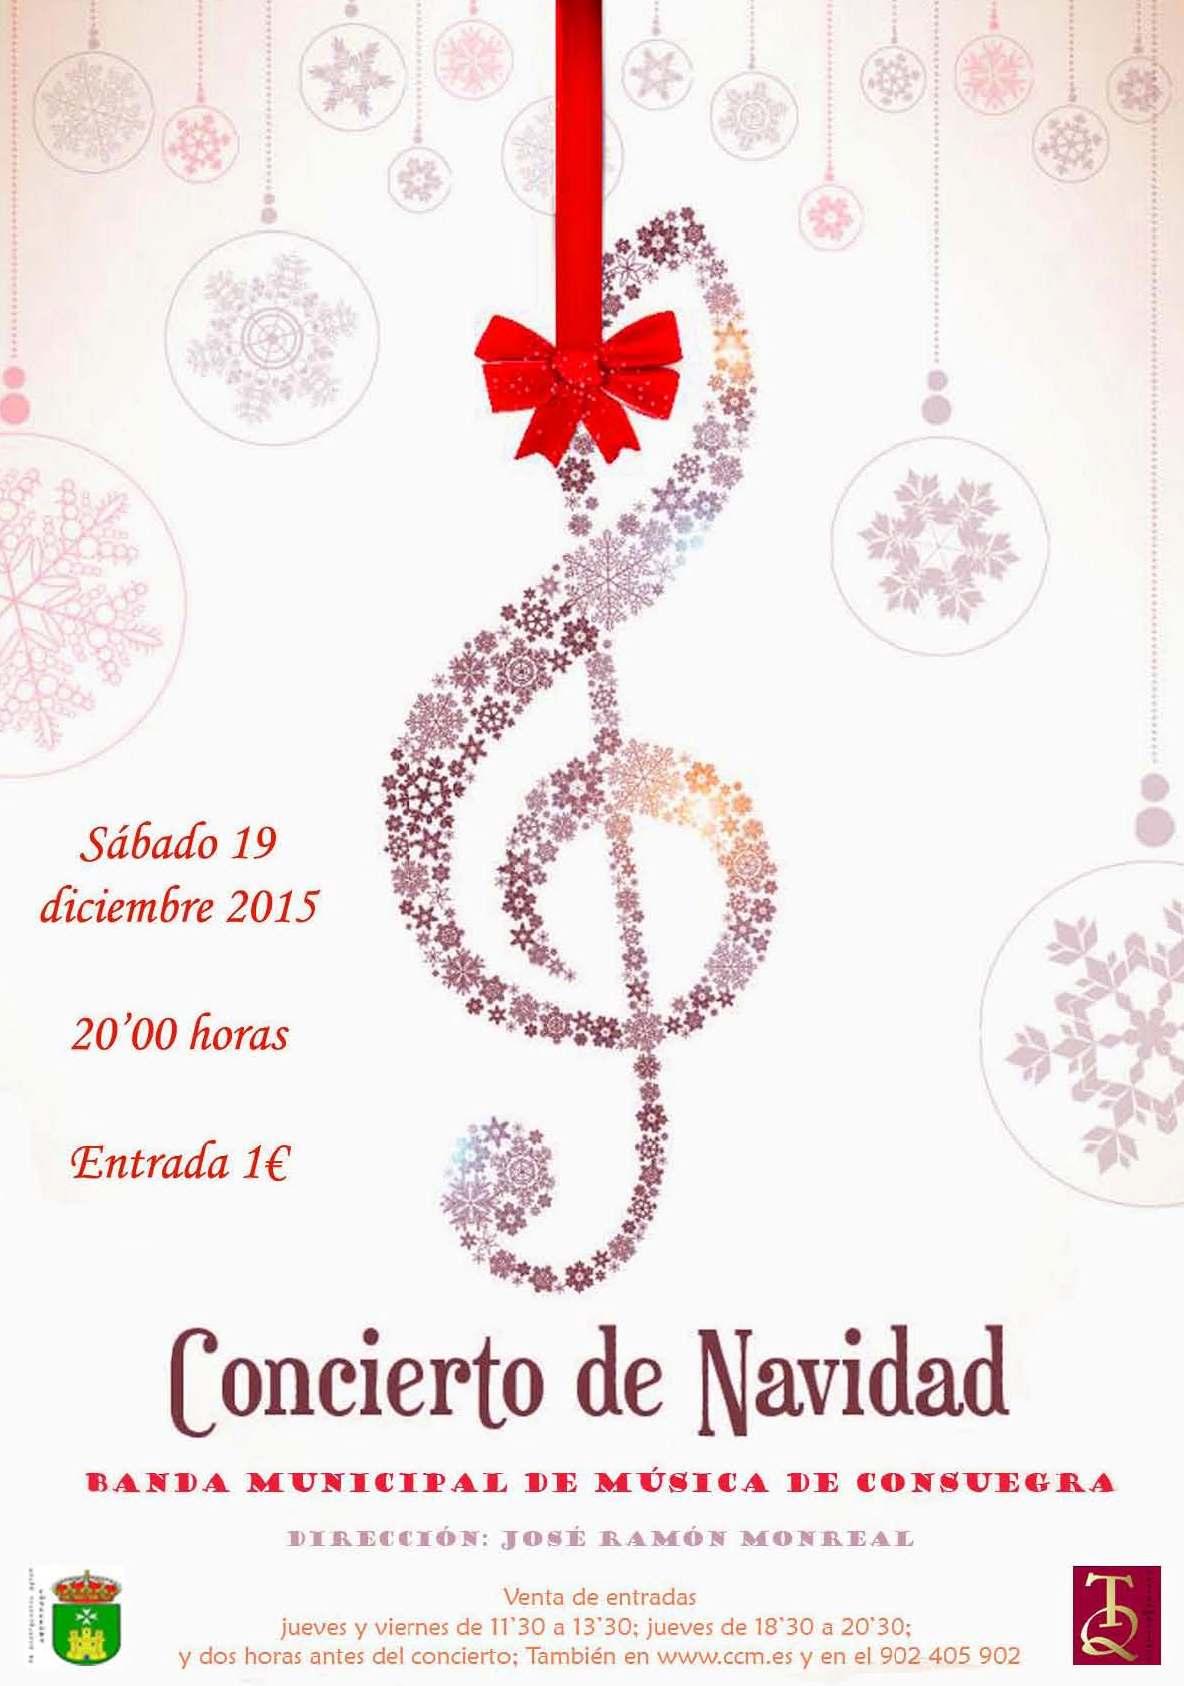 cartel-concierto-navidad-banda-musica2015.jpg - 144.30 KB